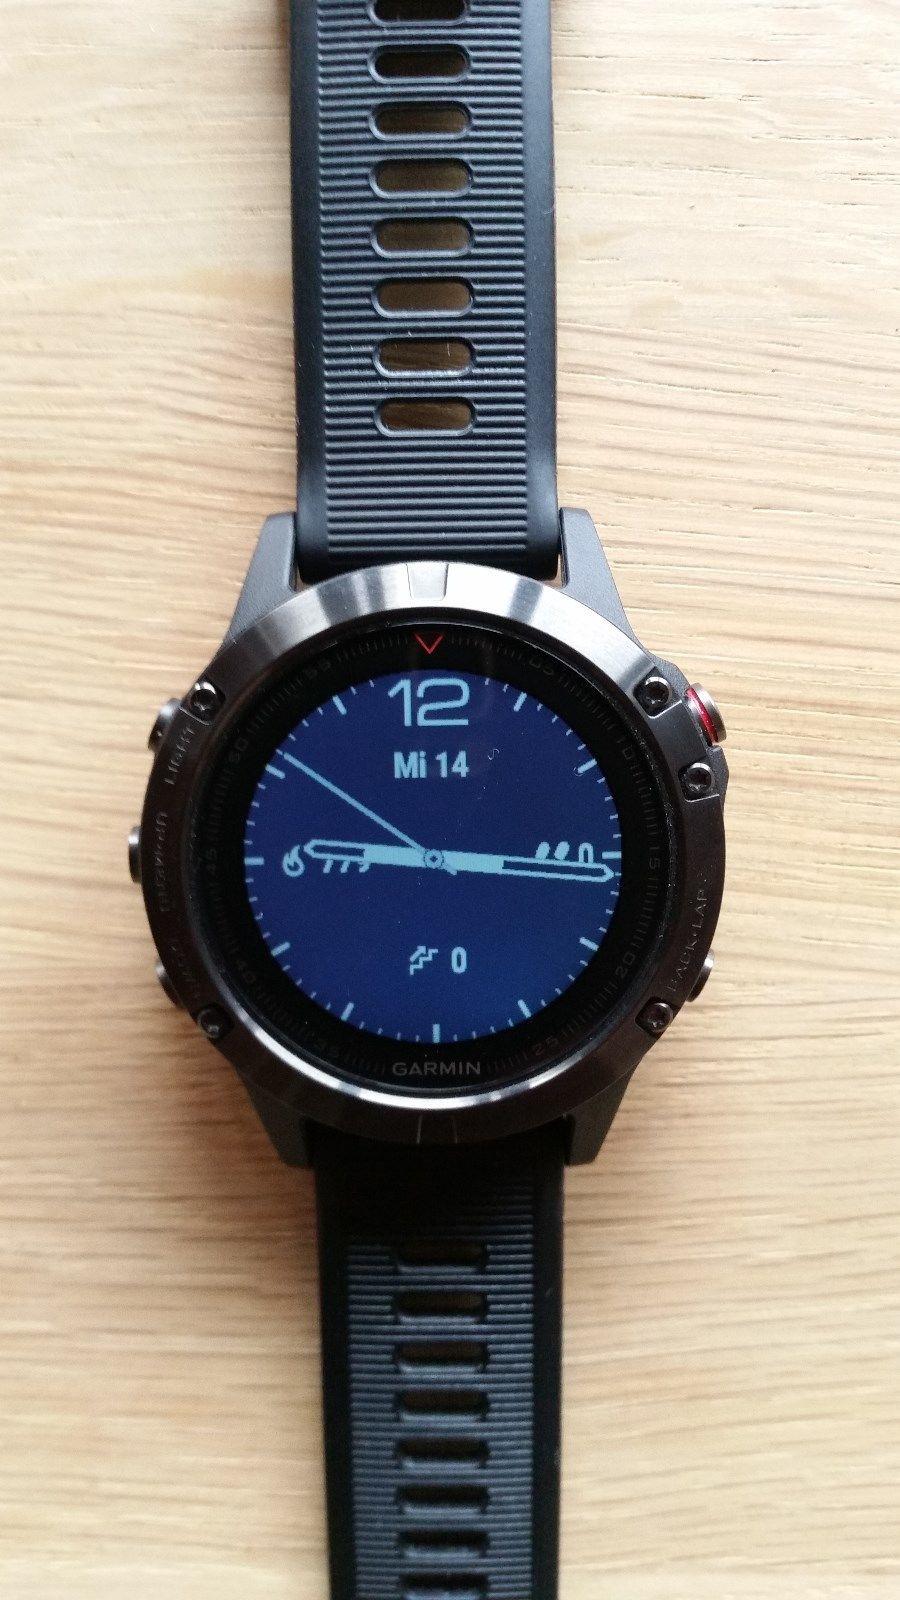 GarminFenix 5Multisport GPS-Smartwatch -neuwertig nur kurz benutzt